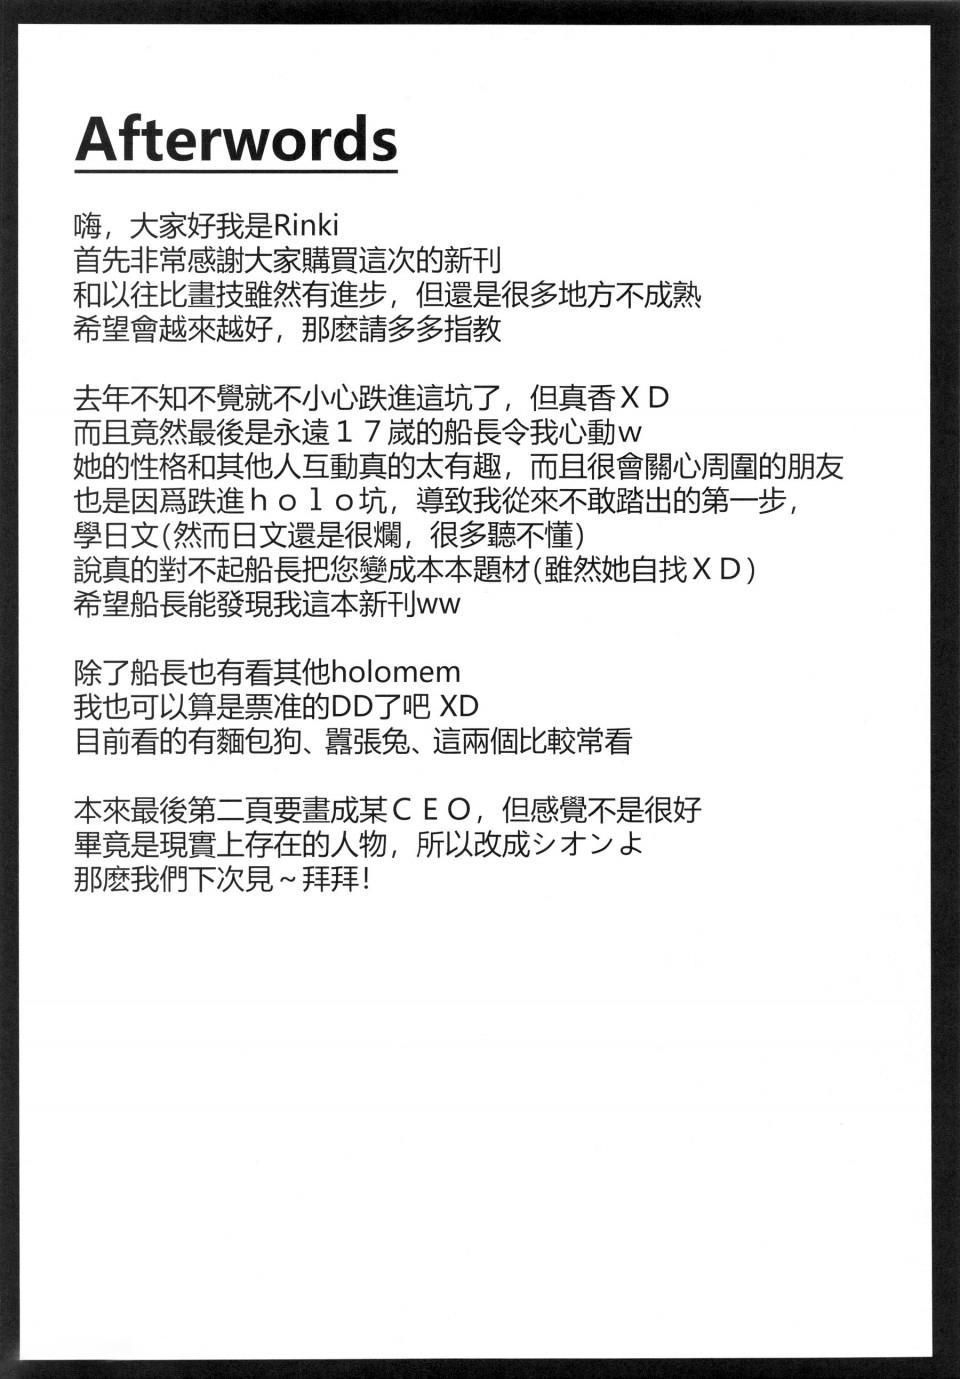 【台灣FF37】[リンキ] AHOY!!マリン不當偶像跑去當海賊 (hololive) (寶鐘瑪琳) (Vtuber) [Chinese] [Decensored] 19